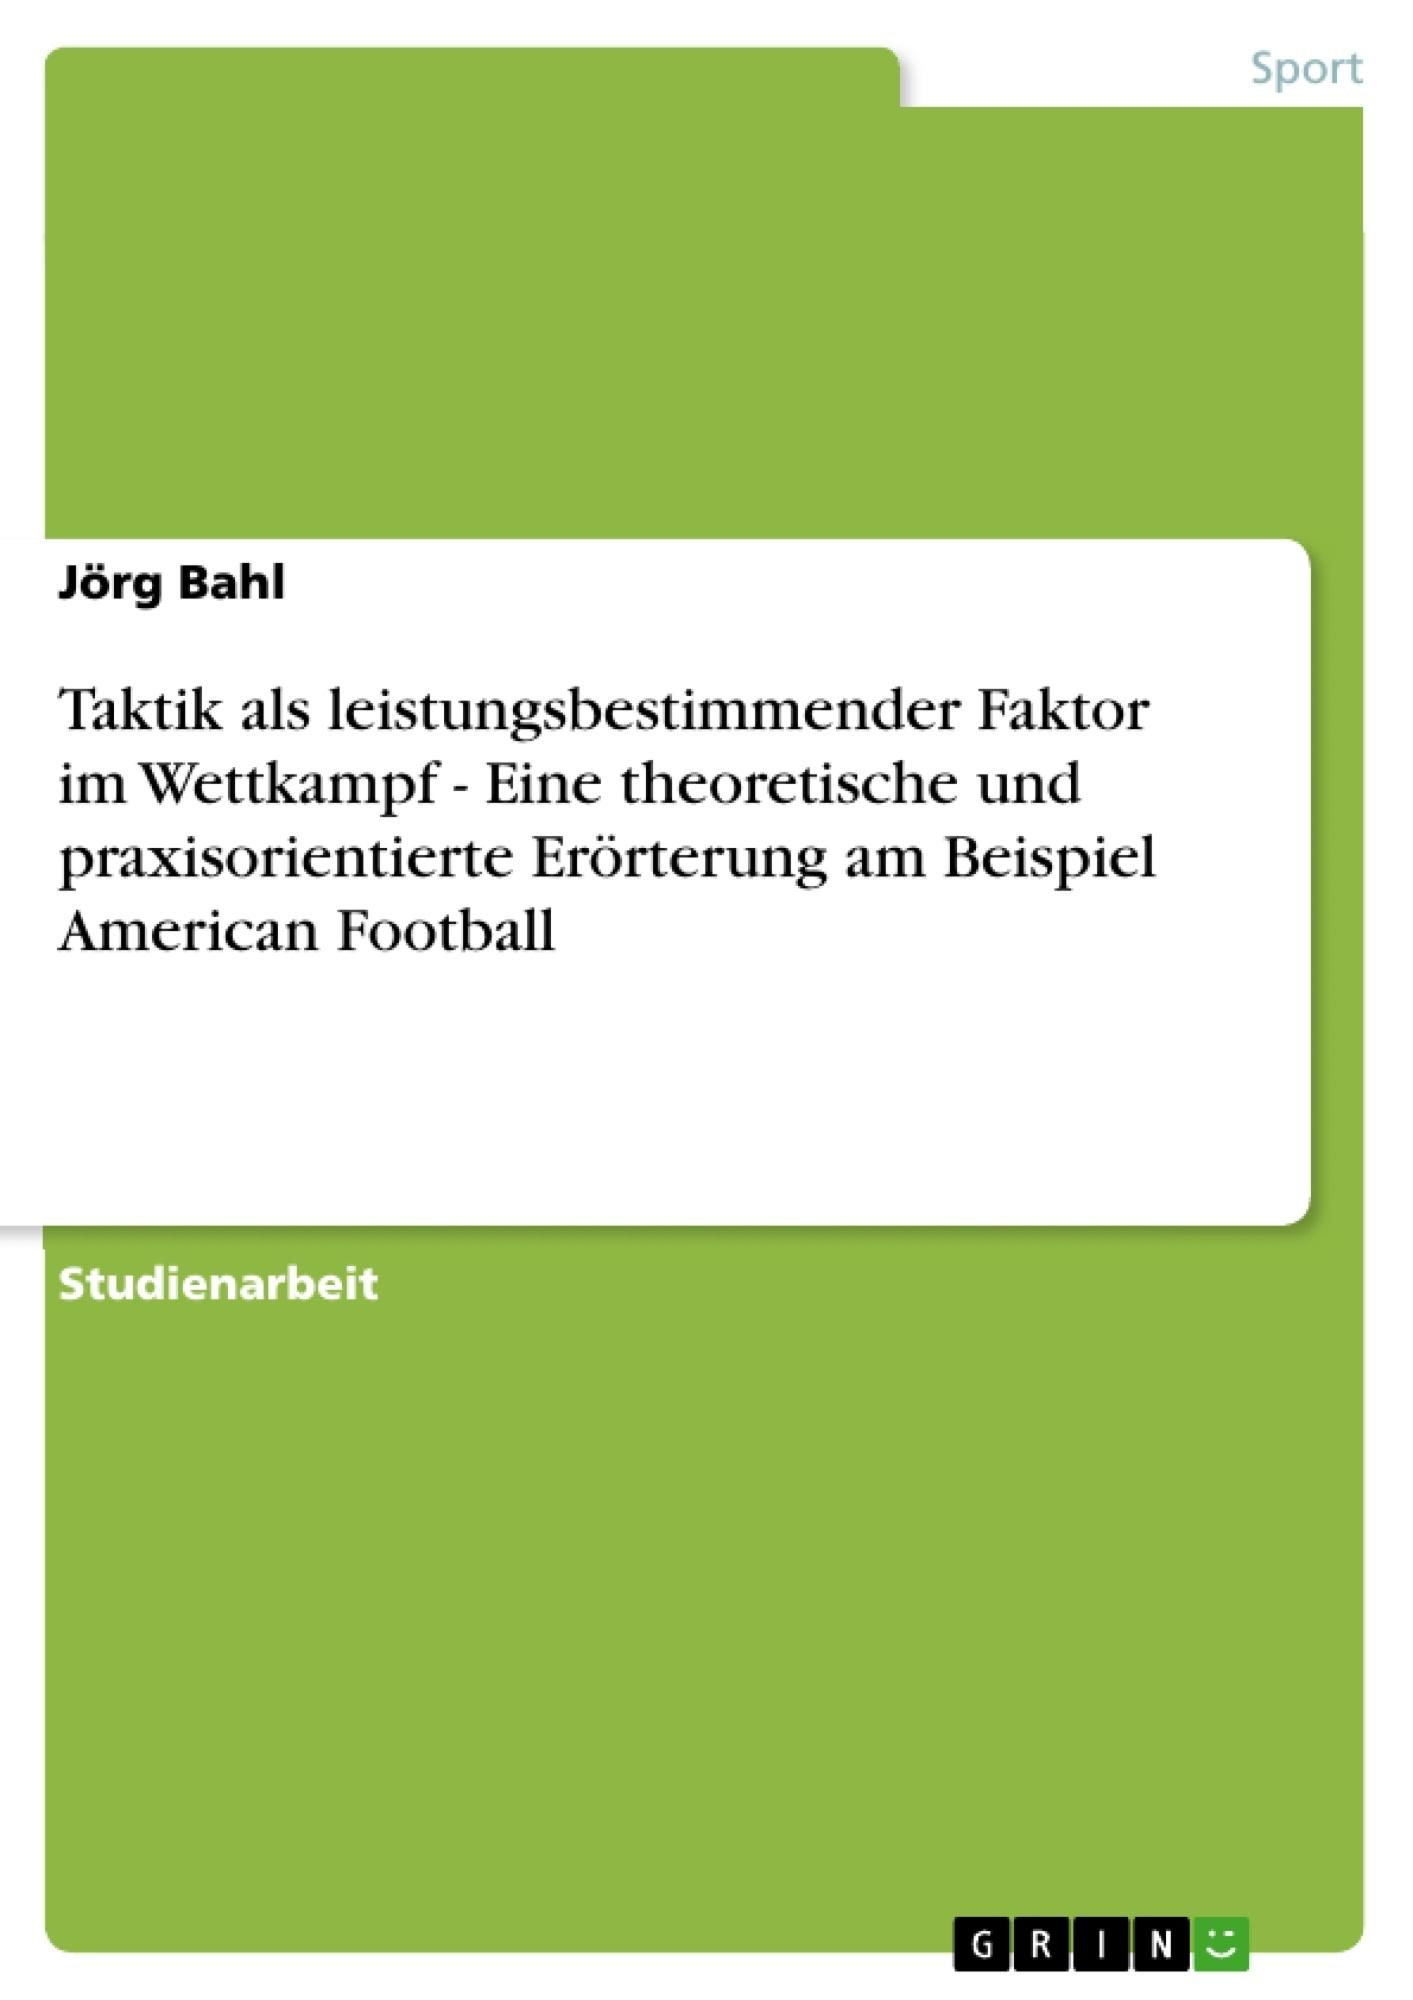 Titel: Taktik als leistungsbestimmender Faktor im Wettkampf - Eine theoretische und praxisorientierte Erörterung am Beispiel American Football